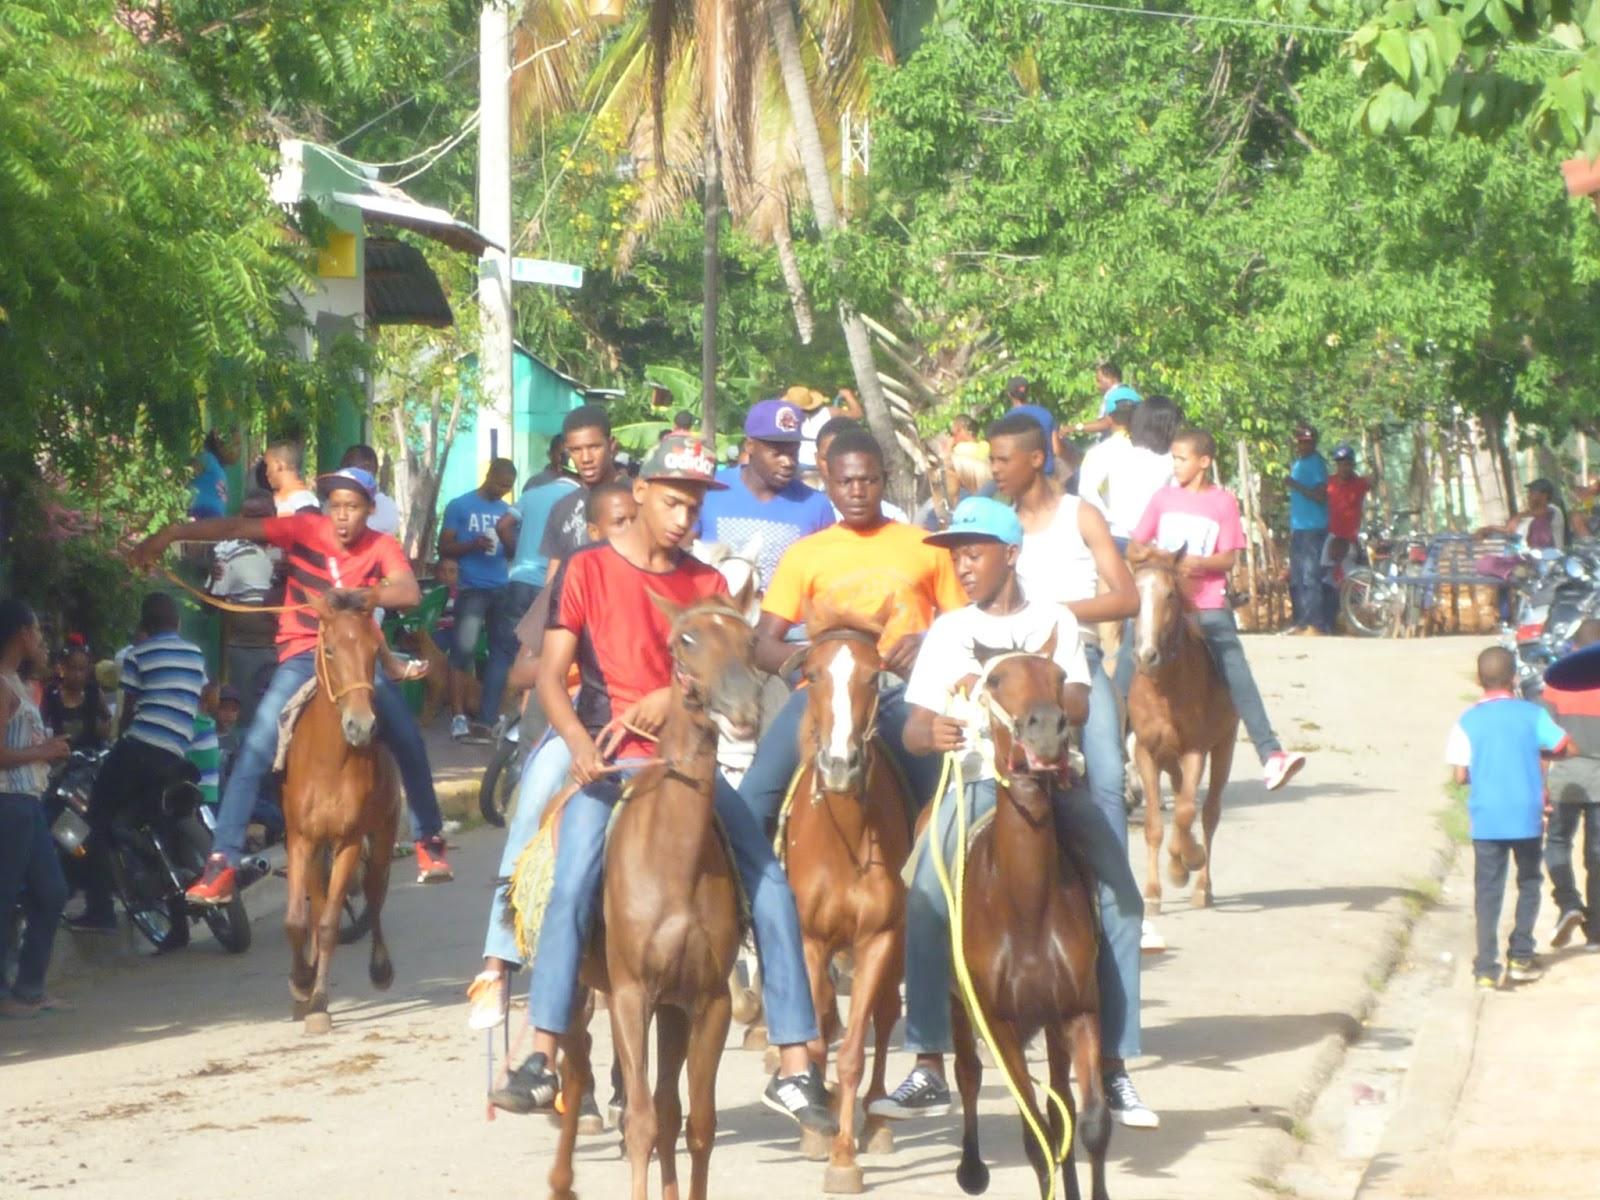 Cientos de Caballos correrán mañana por las calles de La Guázara en la tradicional corrida de San Juan.